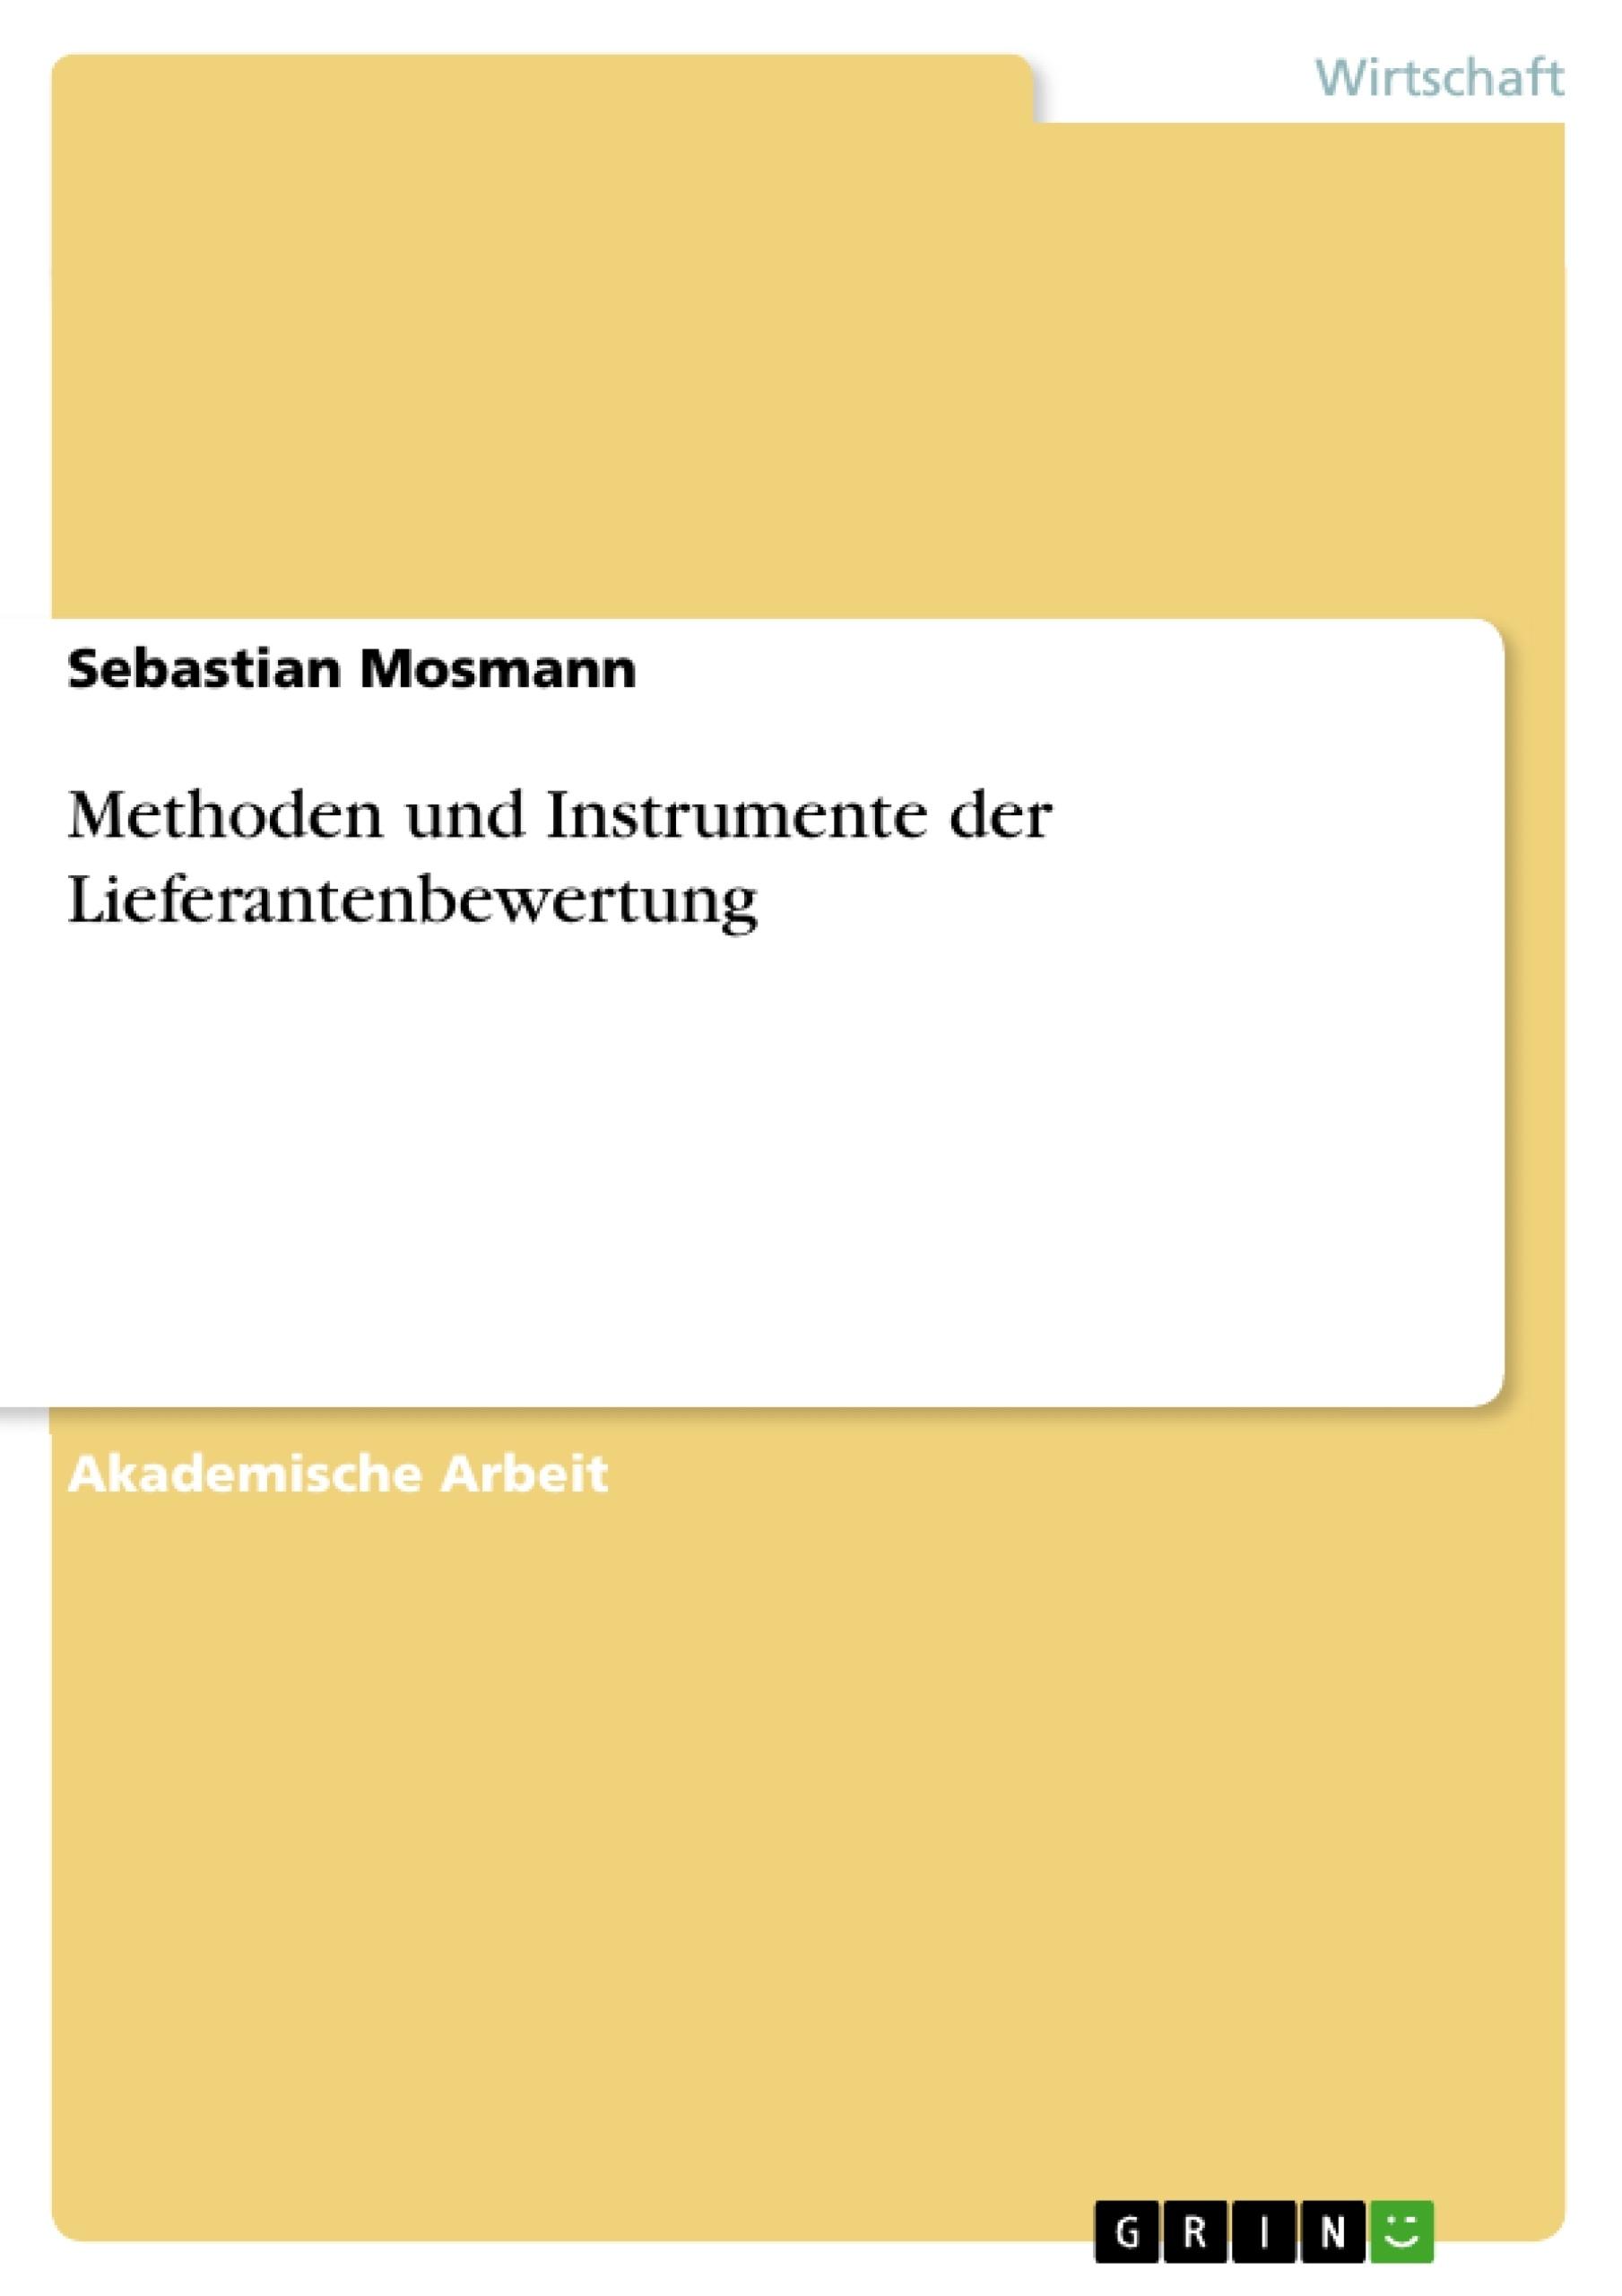 Titel: Methoden und Instrumente der Lieferantenbewertung